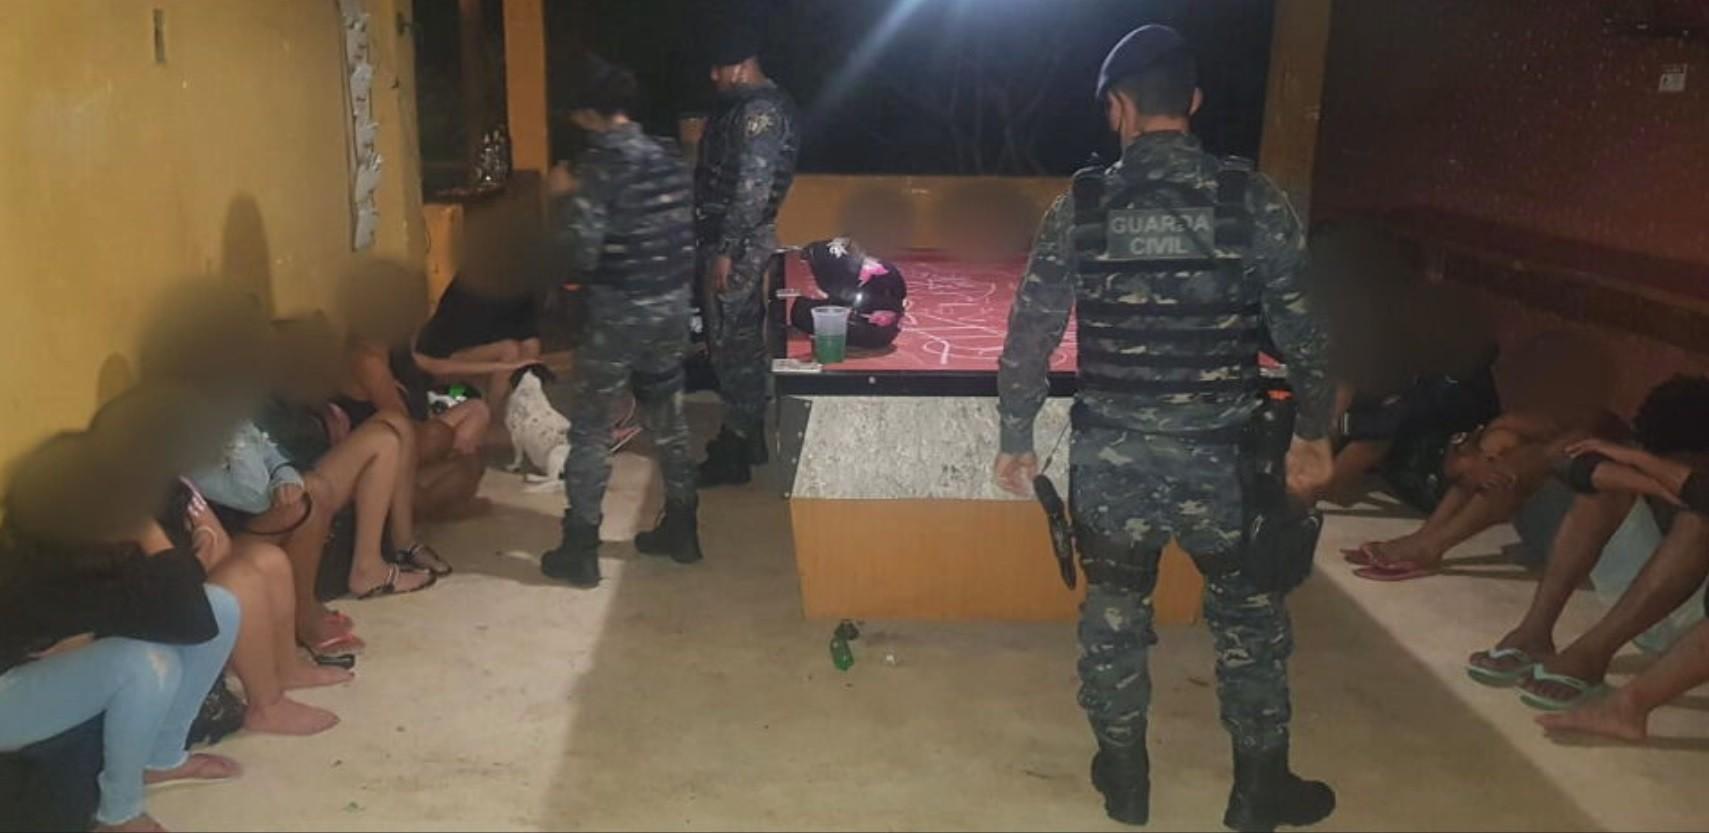 Coronavírus: Guarda Civil encerra Baile Funk clandestino com 40 jovens, álcool e drogas, em Contagem